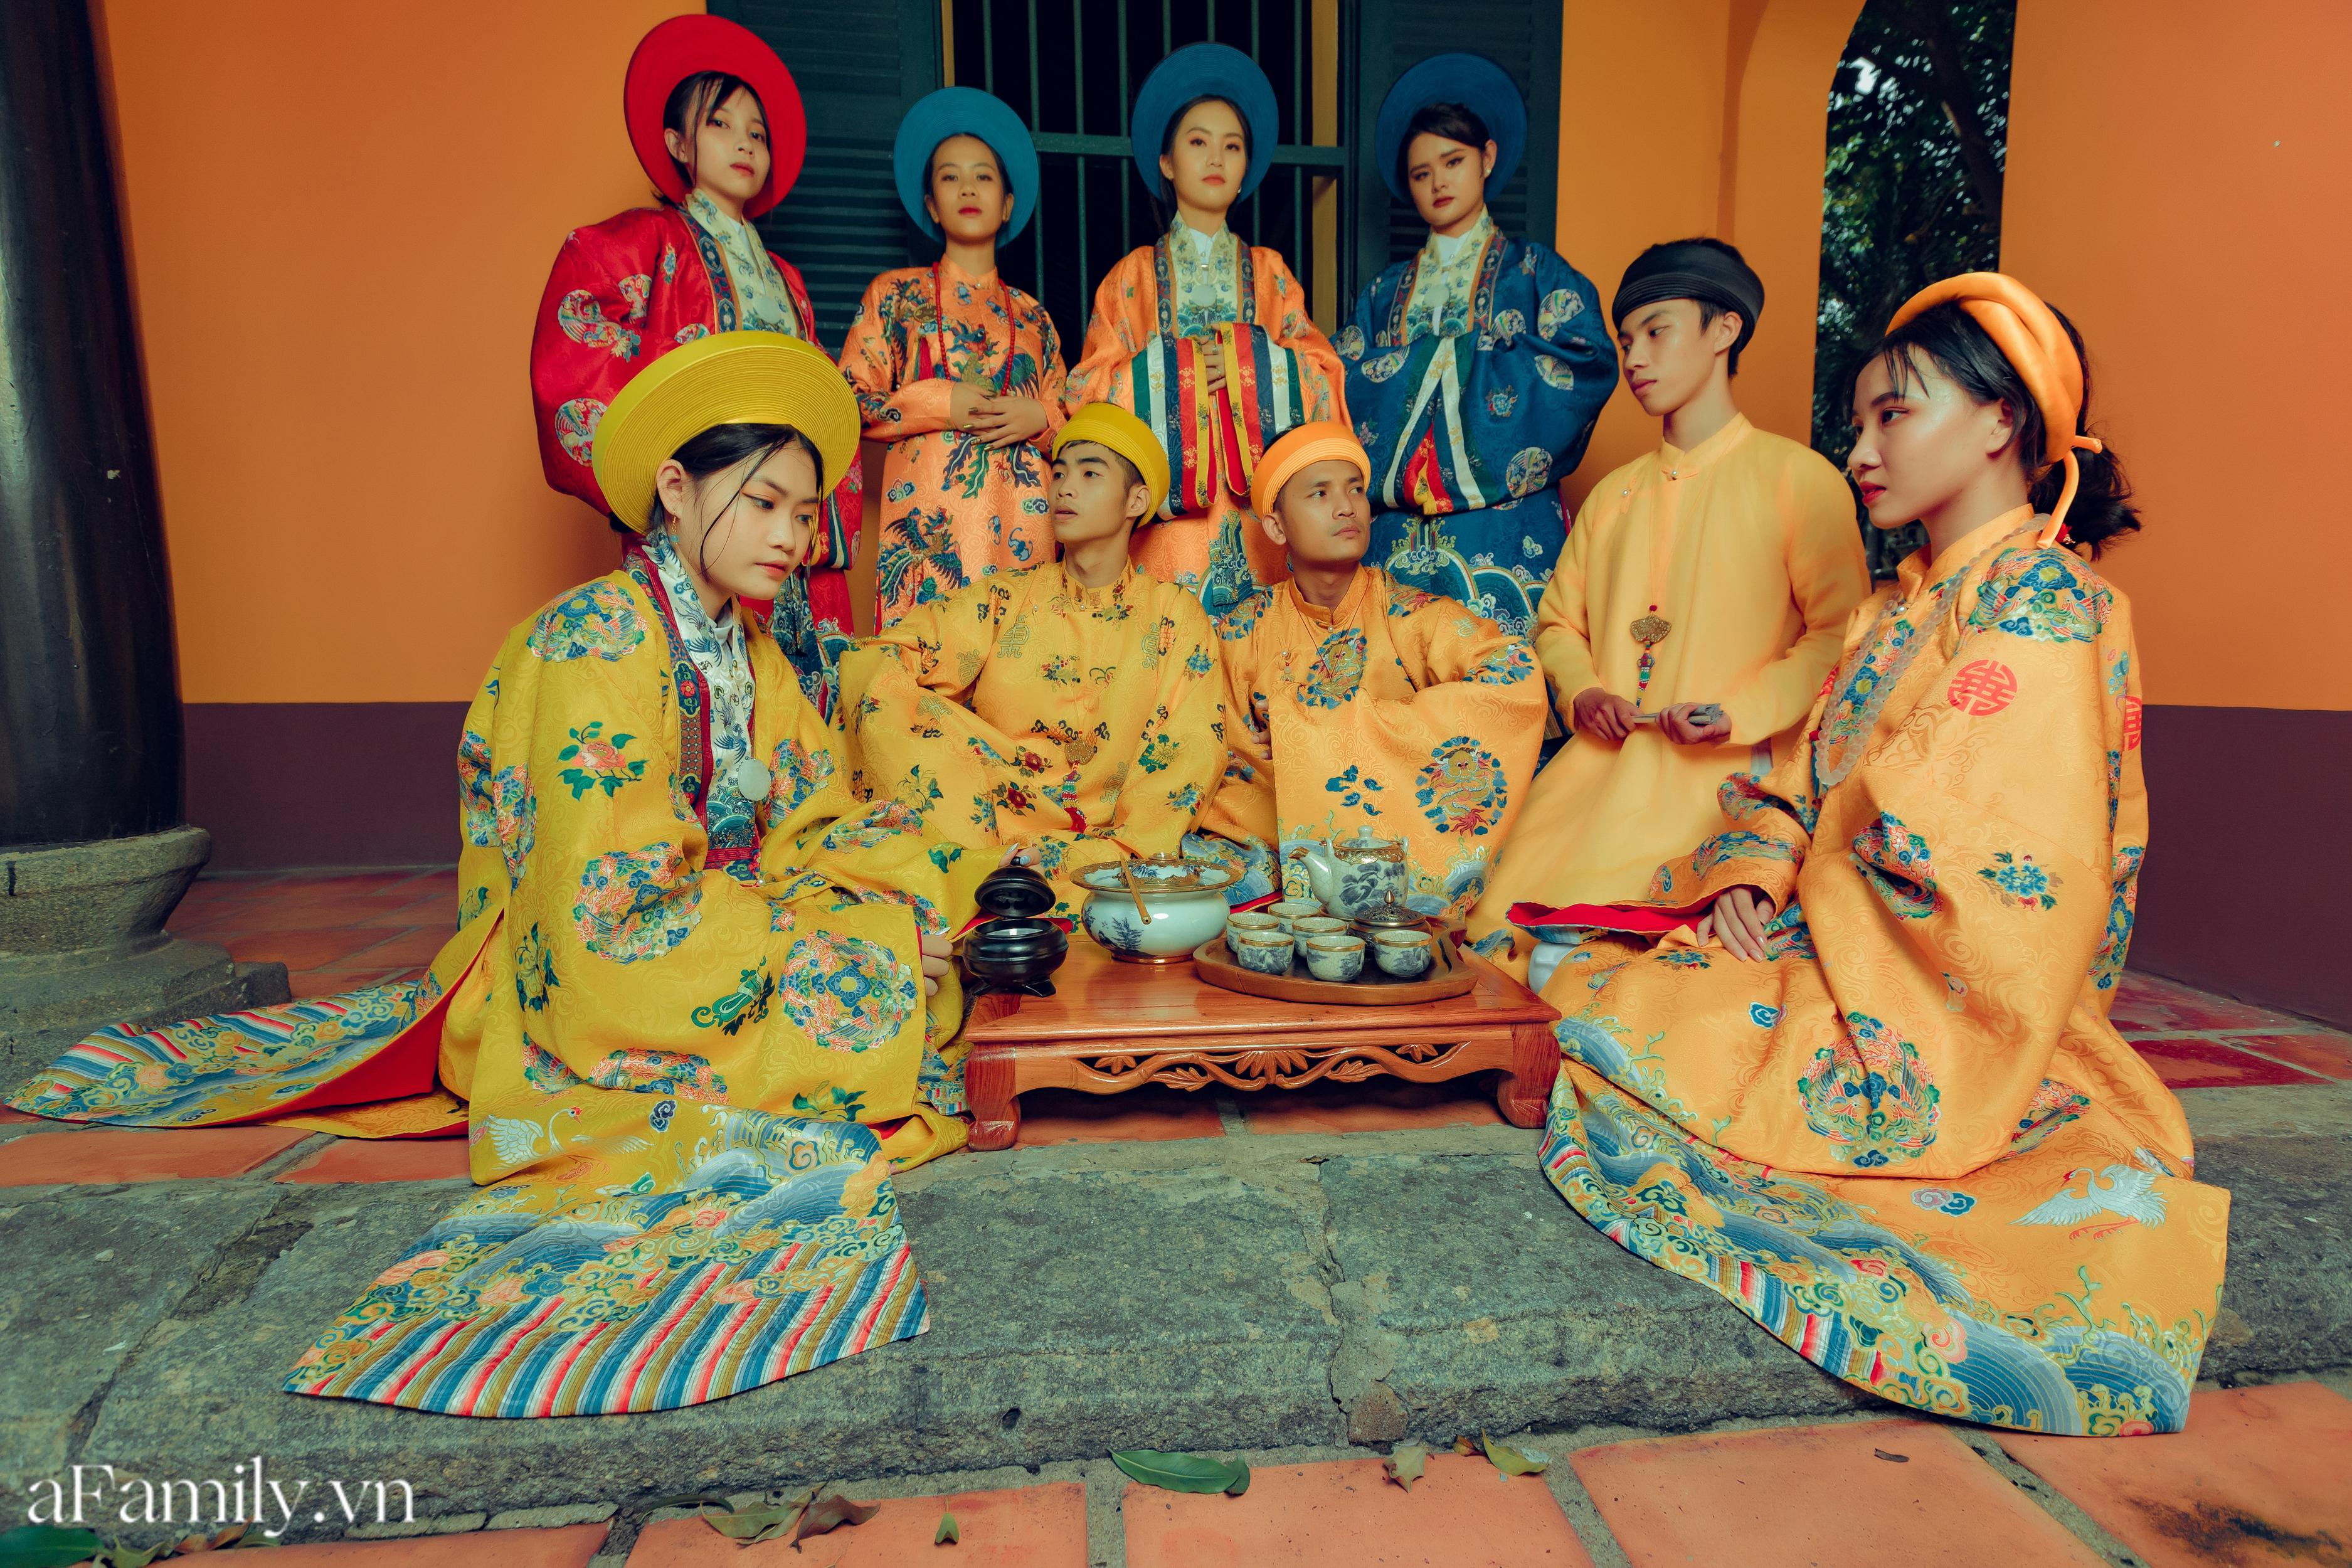 """Nhóm học sinh cấp 3 tìm về nét đẹp truyền thống, diện nguyên dàn cổ phục Việt chụp ảnh kỷ yếu, nhanh chóng thành tạo """"hot trend"""" trên mạng xã hội - Ảnh 11."""